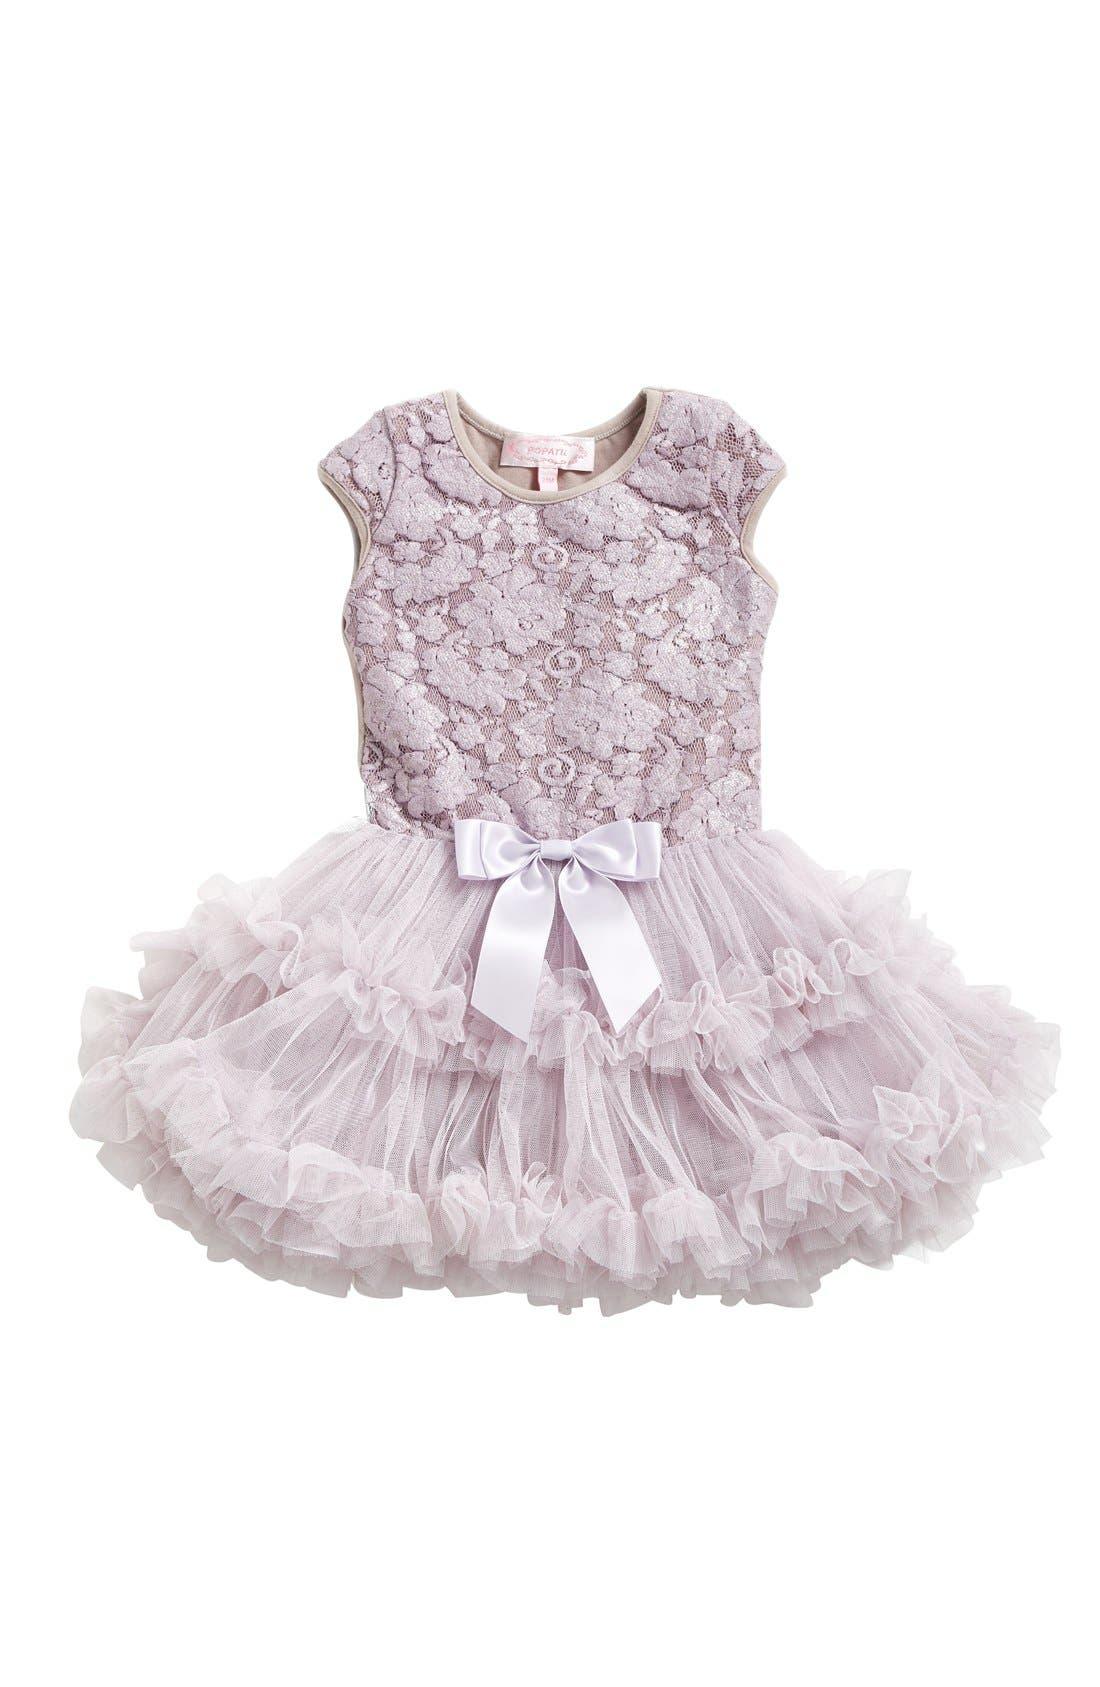 Alternate Image 1 Selected - Popatu Lace Pettidress (Baby Girls)